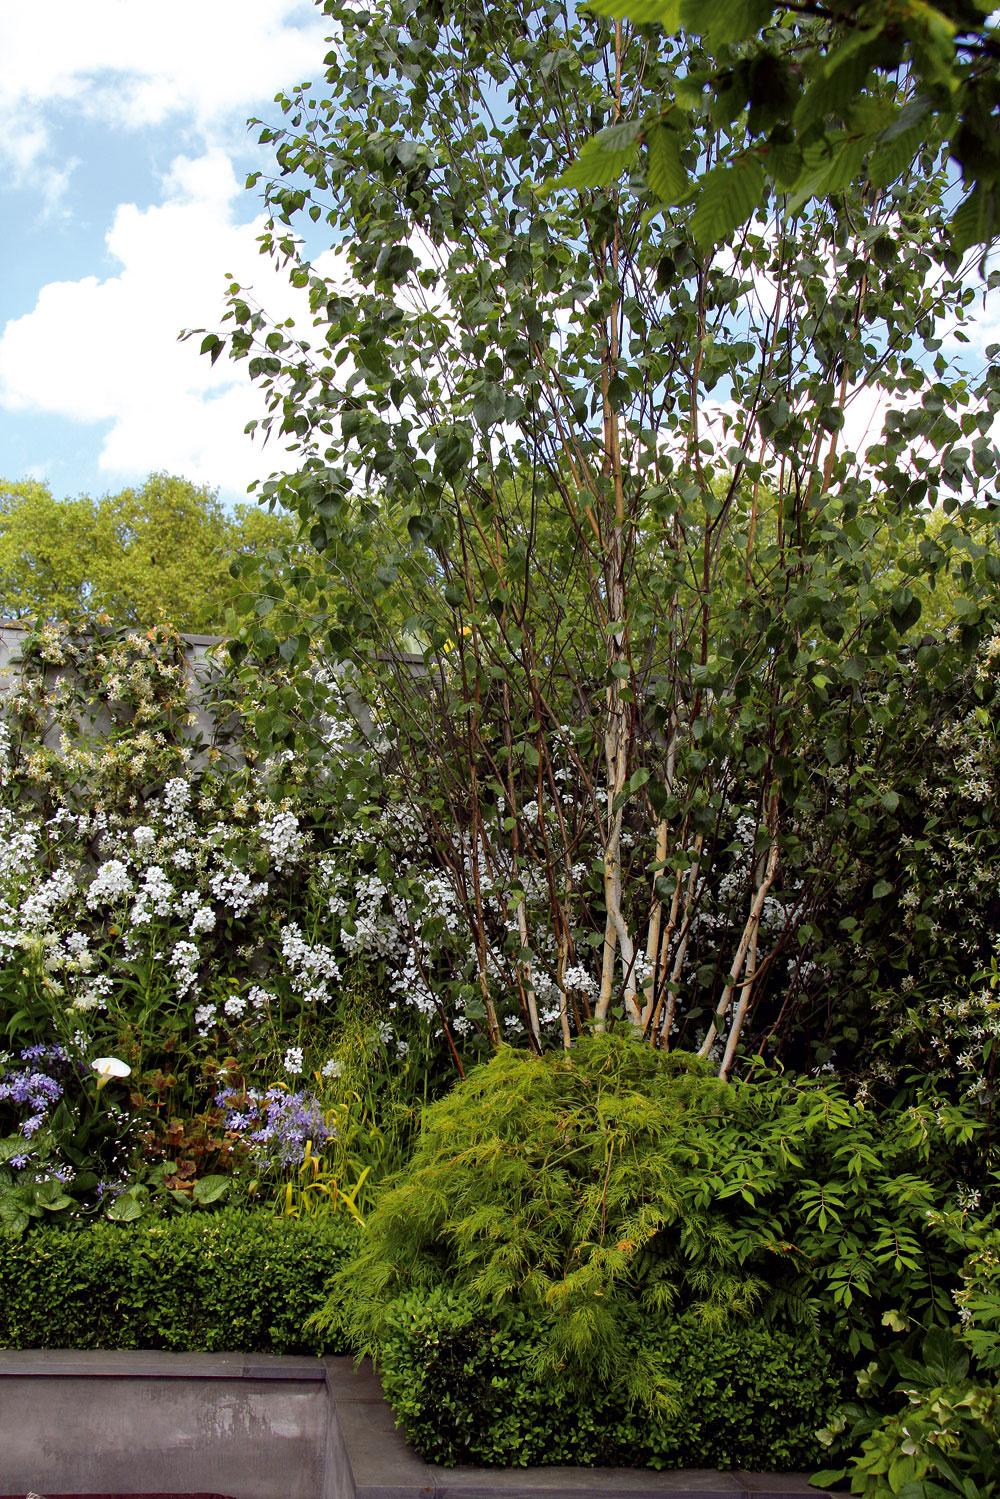 Precízne výškovo usporiadanej výsadbe dominuje pekný exemplár brezy ajaponského javora. Záhony lemuje nízky kultivar vždyzeleného krušpánu, vďaka ktorému je záhrada aspoň trochu zelená aj počas zimy.